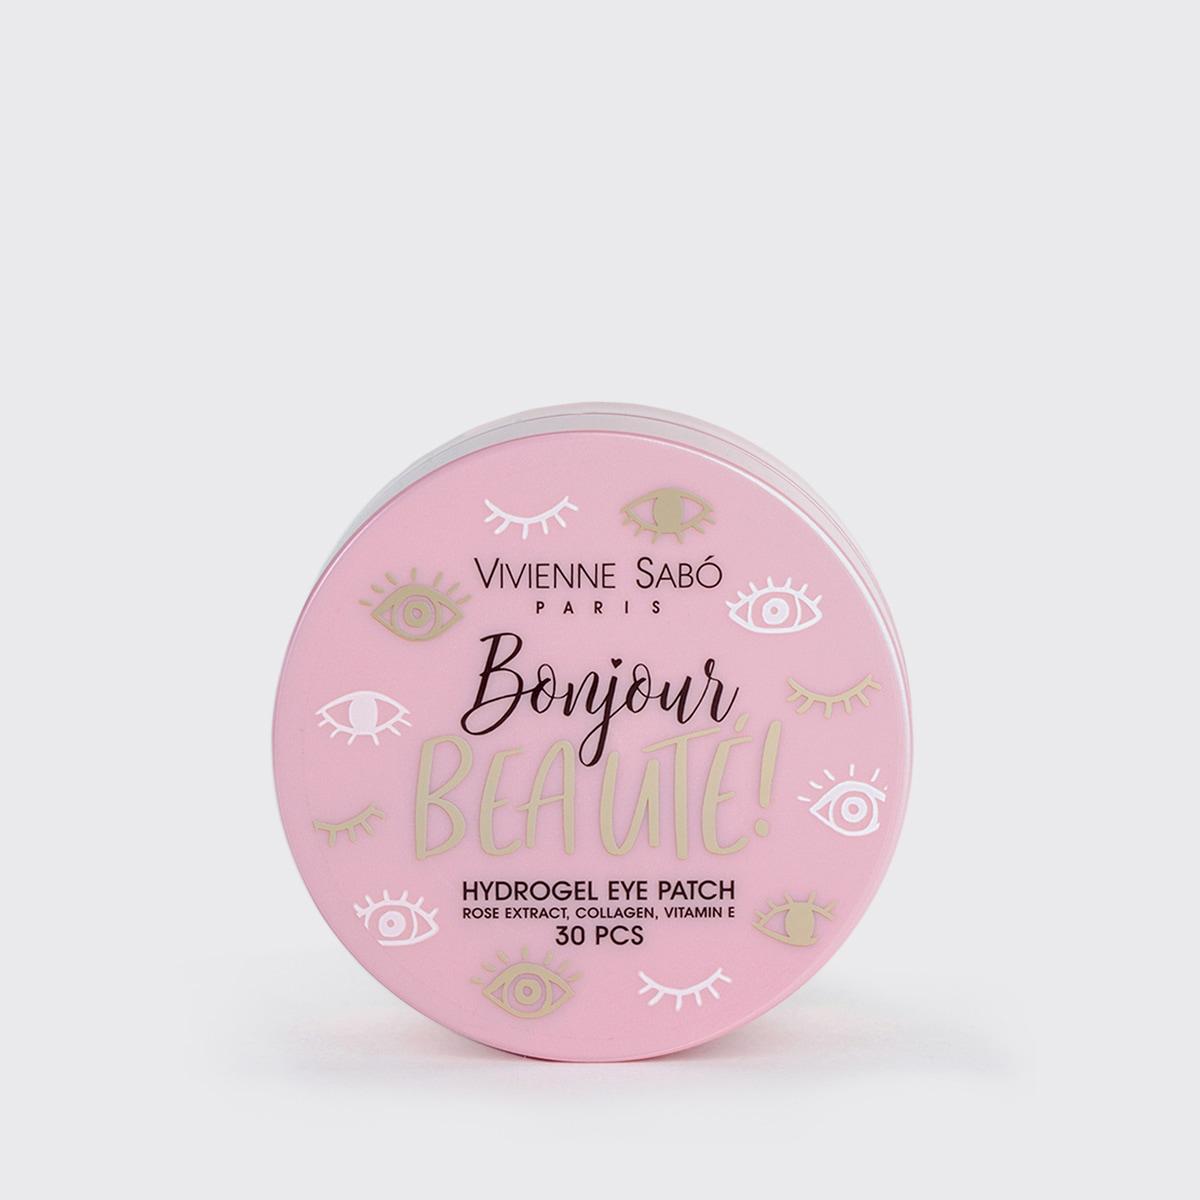 Vivienne Sabo - Hydrogel Eye Patch Bonjour Beaute - 30 Stück